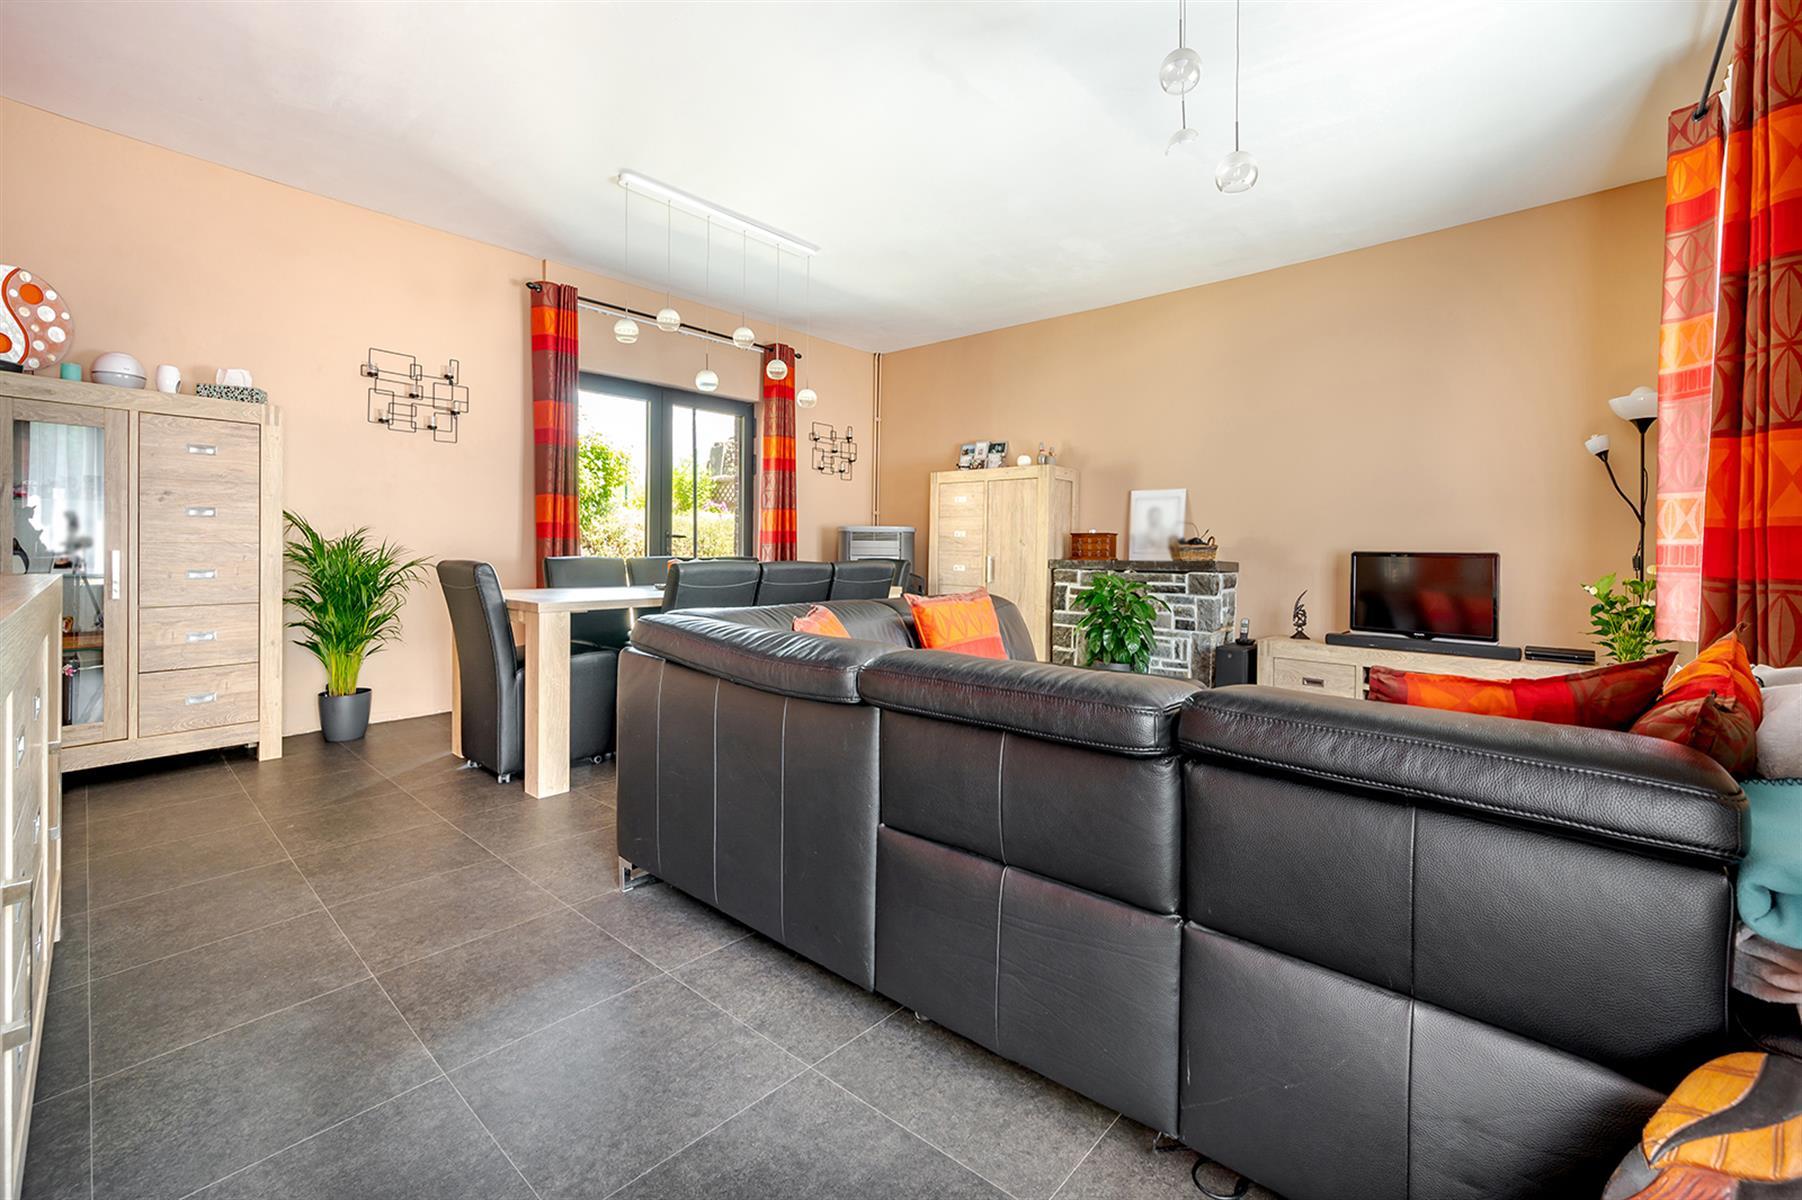 Maison - Villersle-Bouillet Warnant-Dreye - #4392377-4